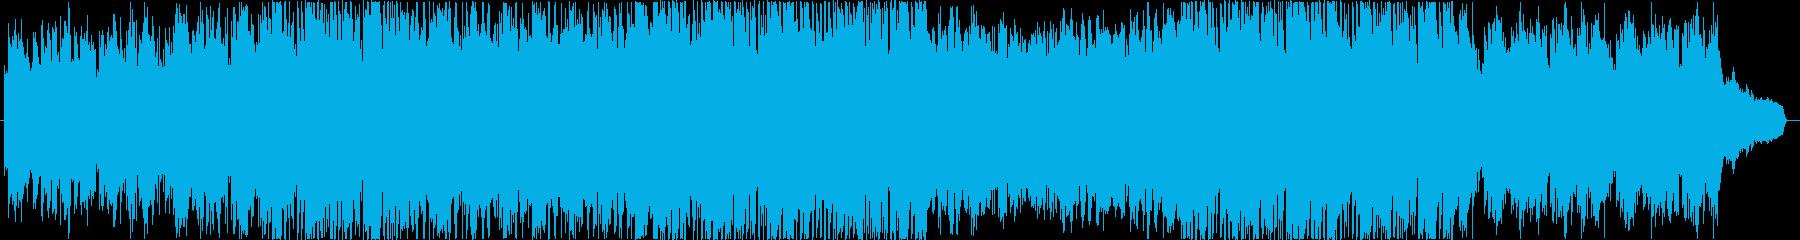 ピアノとストリングス/爽やか系な春夏曲の再生済みの波形